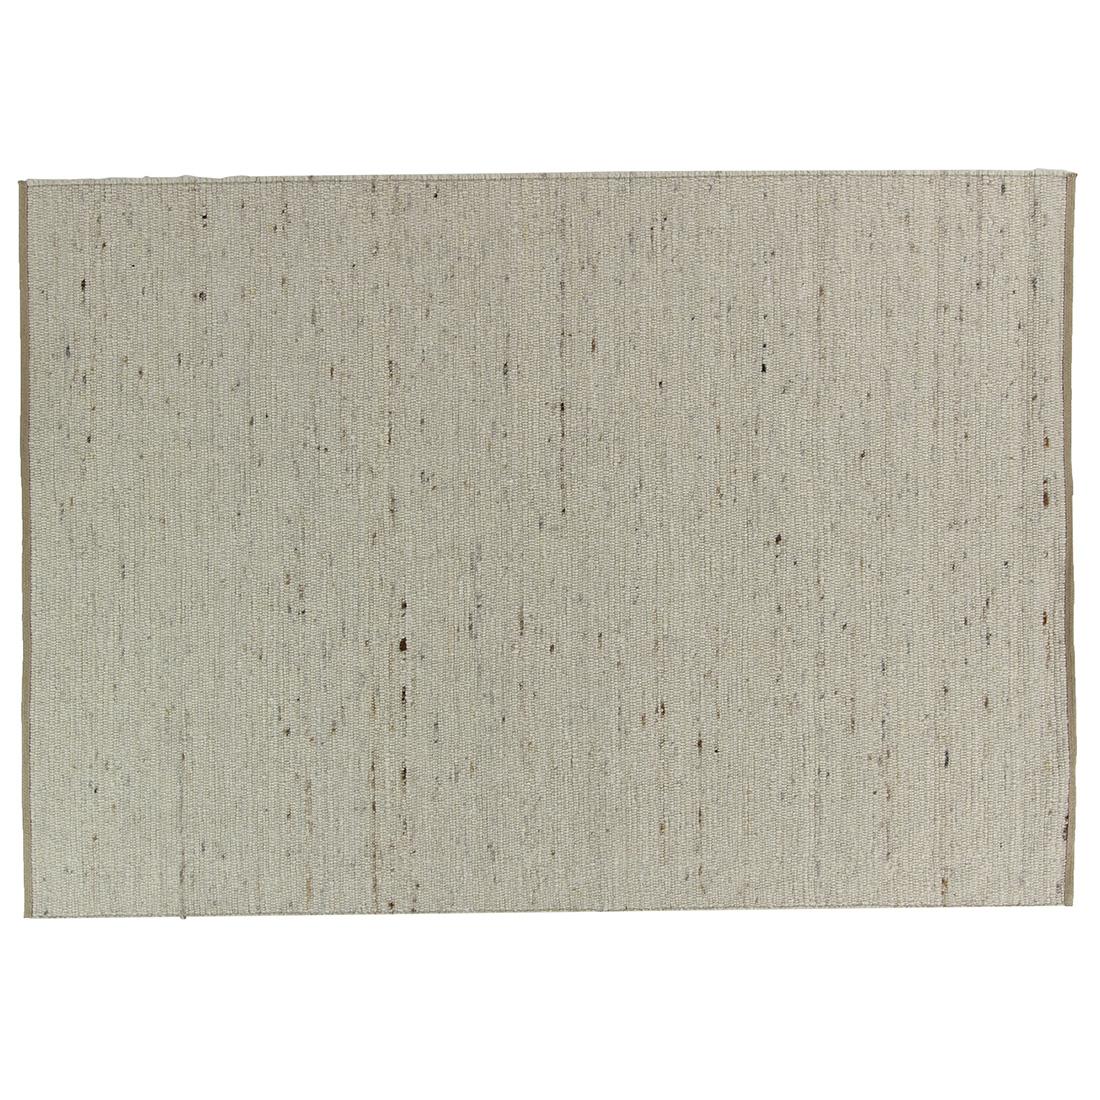 Vloerkleed Brinker Eslo 11 | 240 x 340 cm